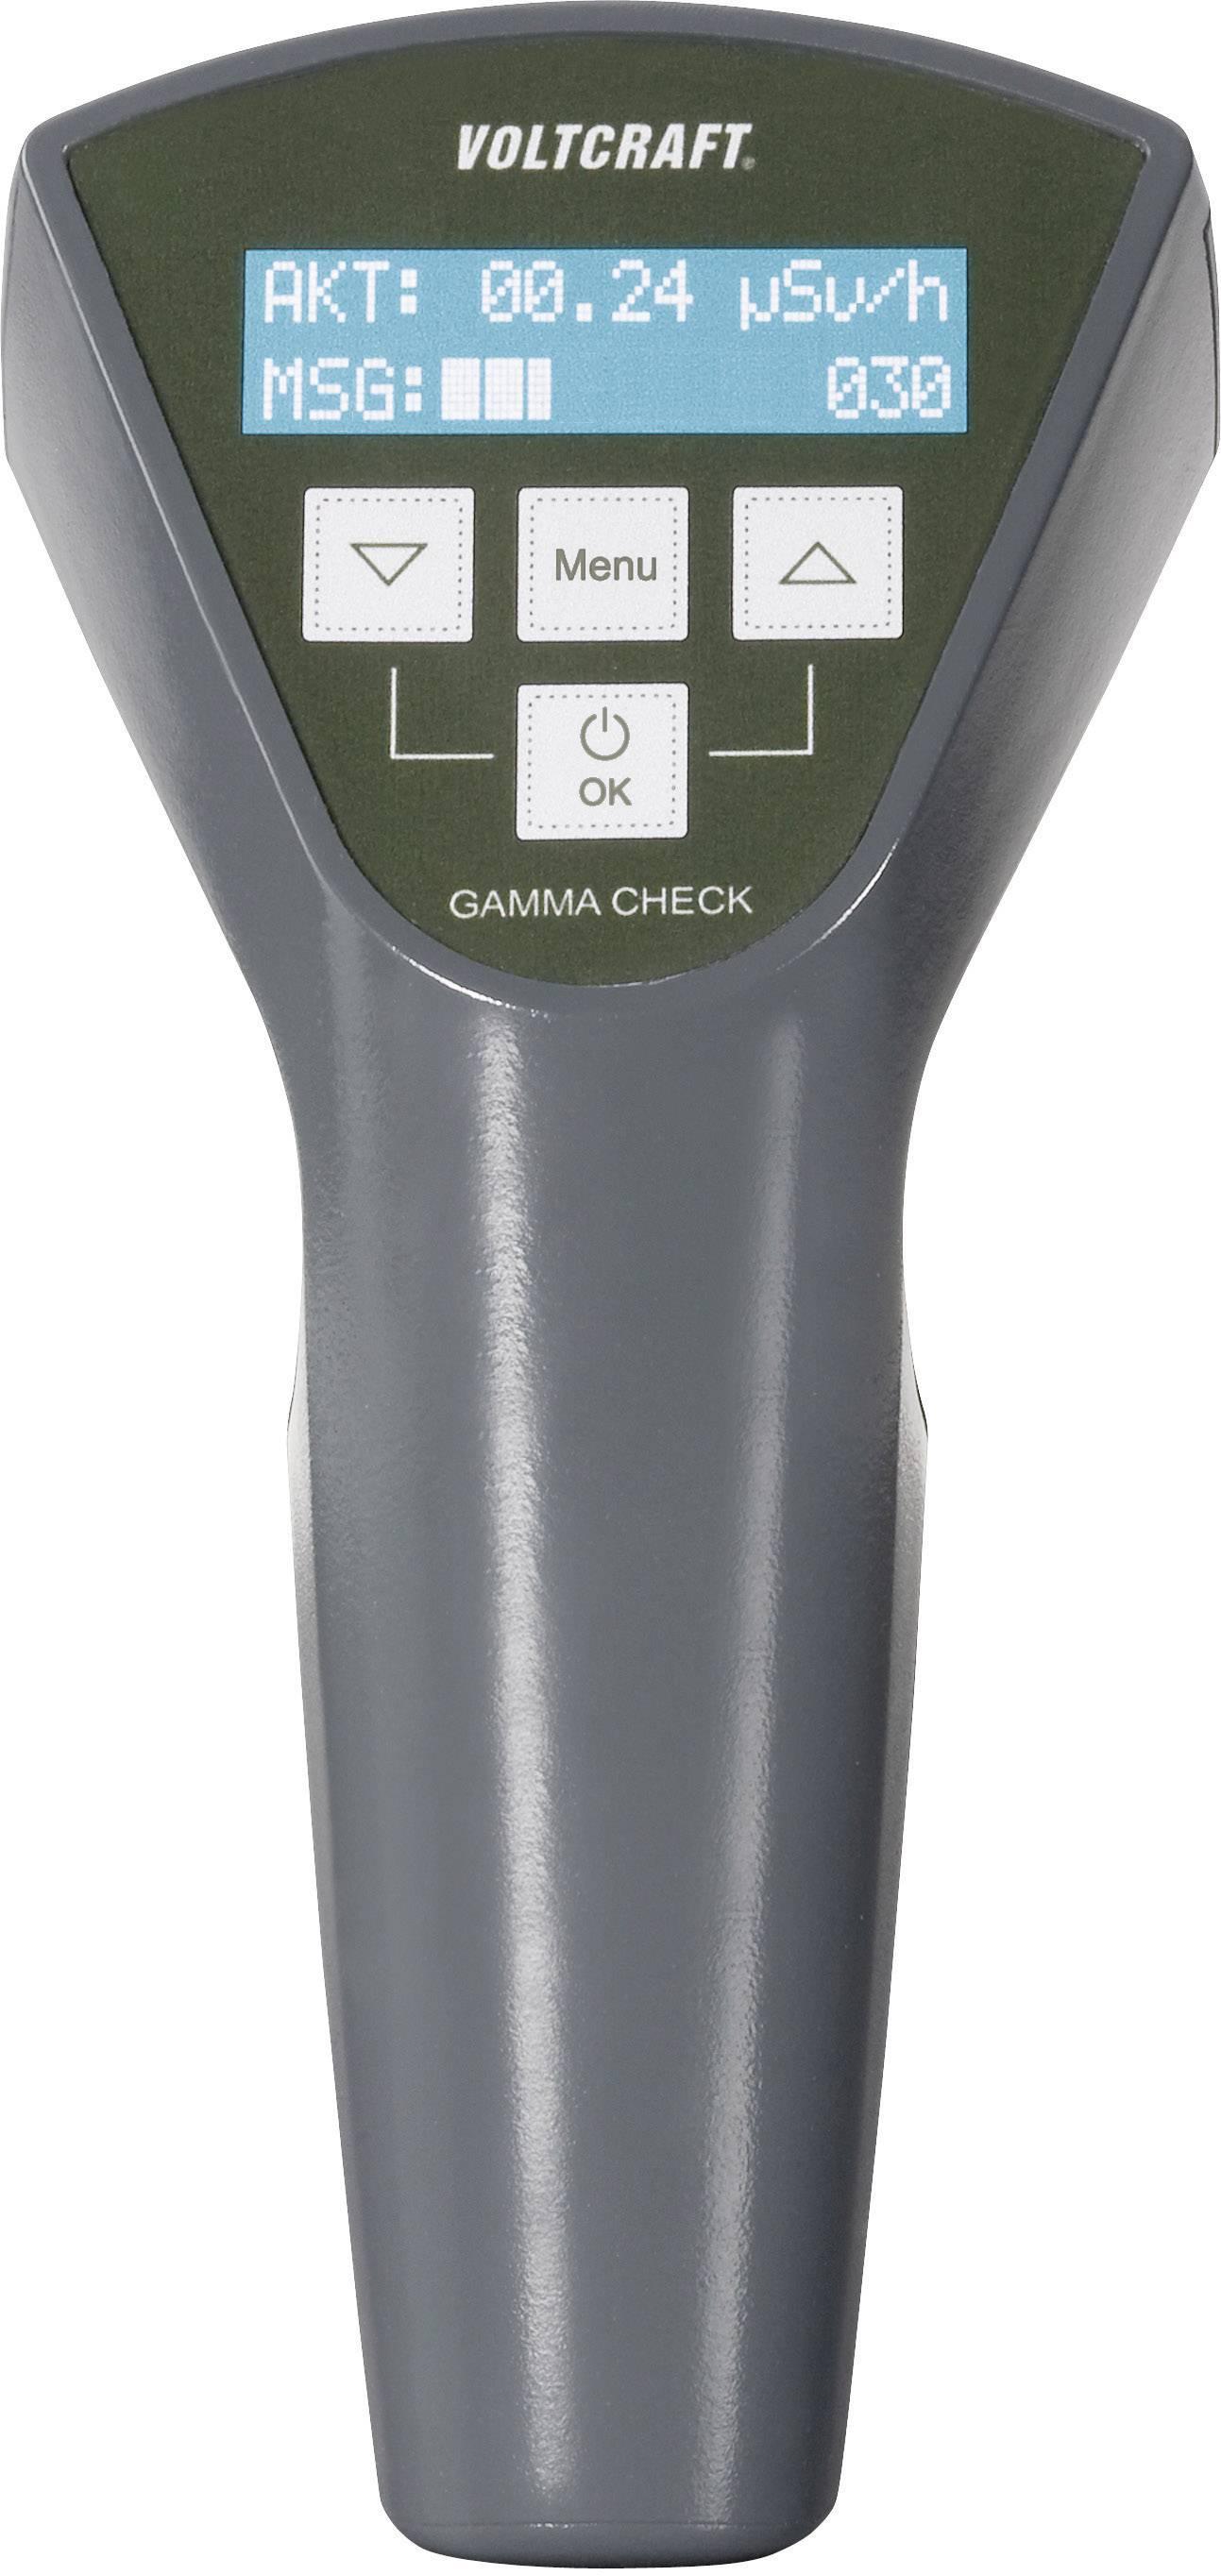 Měření zvuku, elektrosmogu, radioaktivity, mikrovln